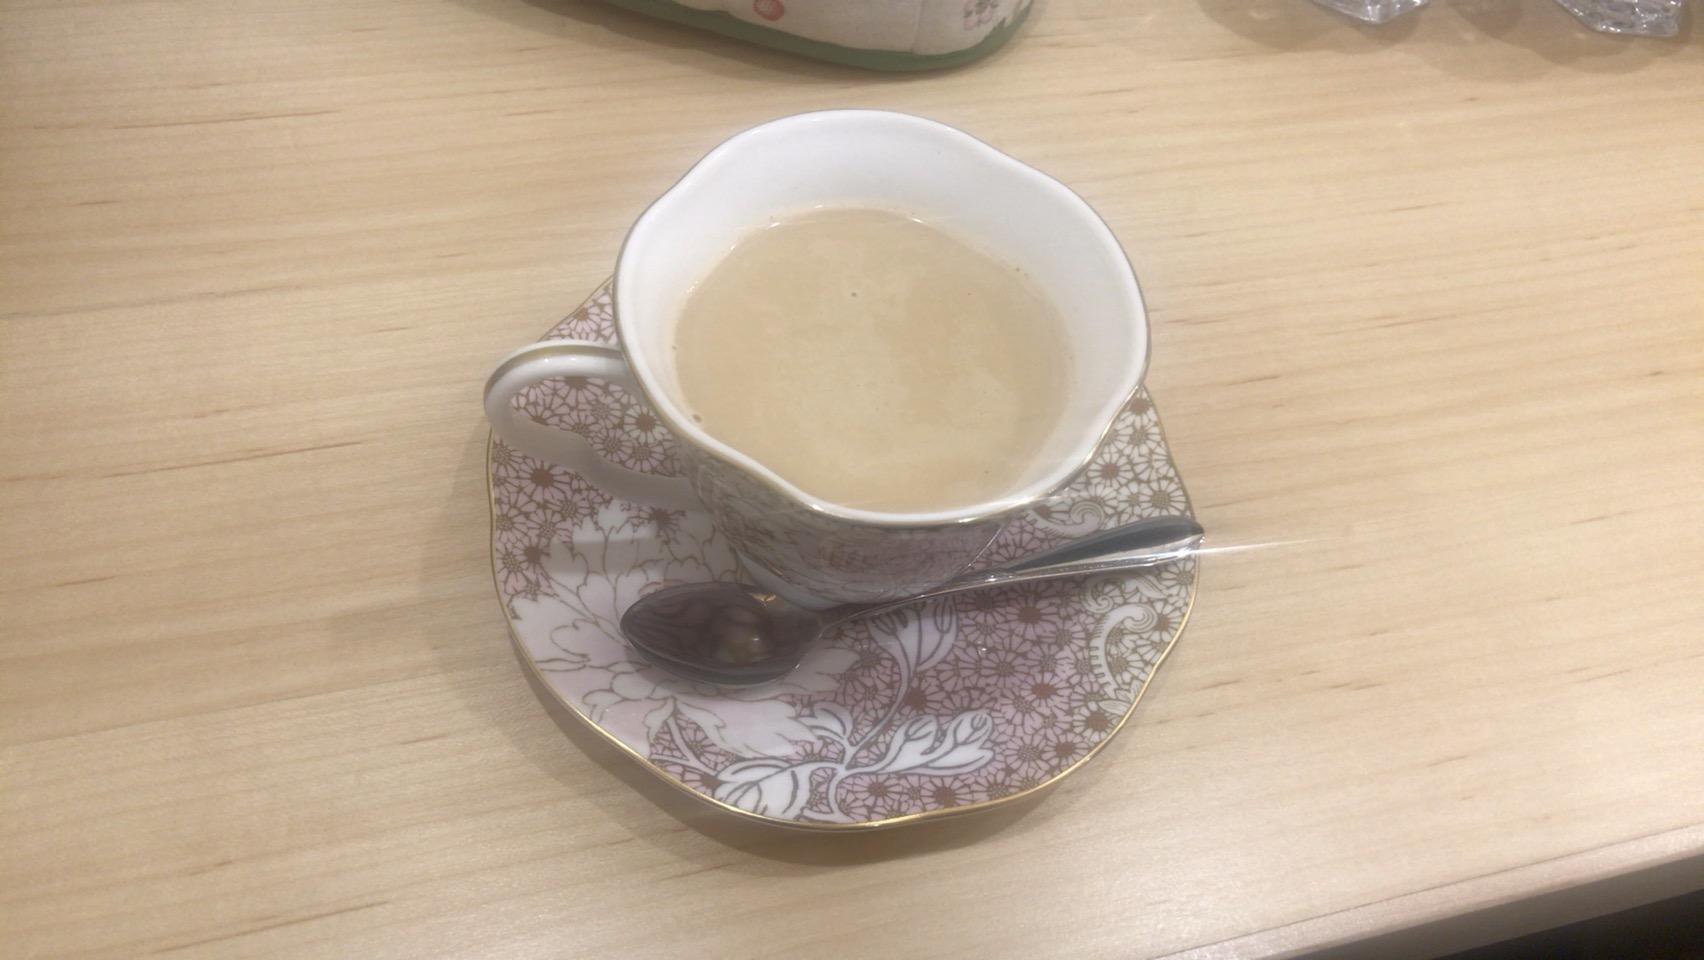 紅茶1杯1000円するカフェでキレてる人を見て思った事。